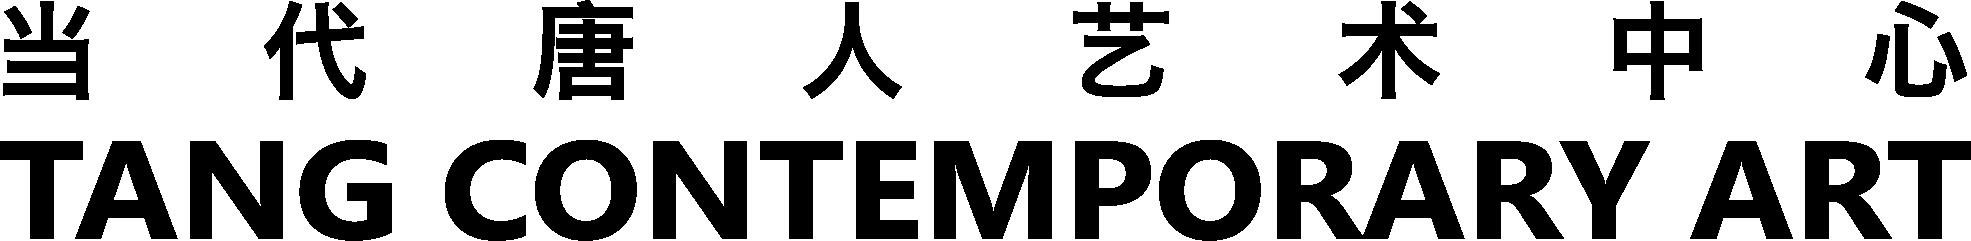 """展览现场    """"王璜生:呼/吸""""龙美术馆开展 - 危机研讨 久别重逢 王璜生 龙美术馆 现场 危机 策展人 顾铮 西岸 展厅 上海徐汇区 龙腾大道3398号 崇真艺客"""